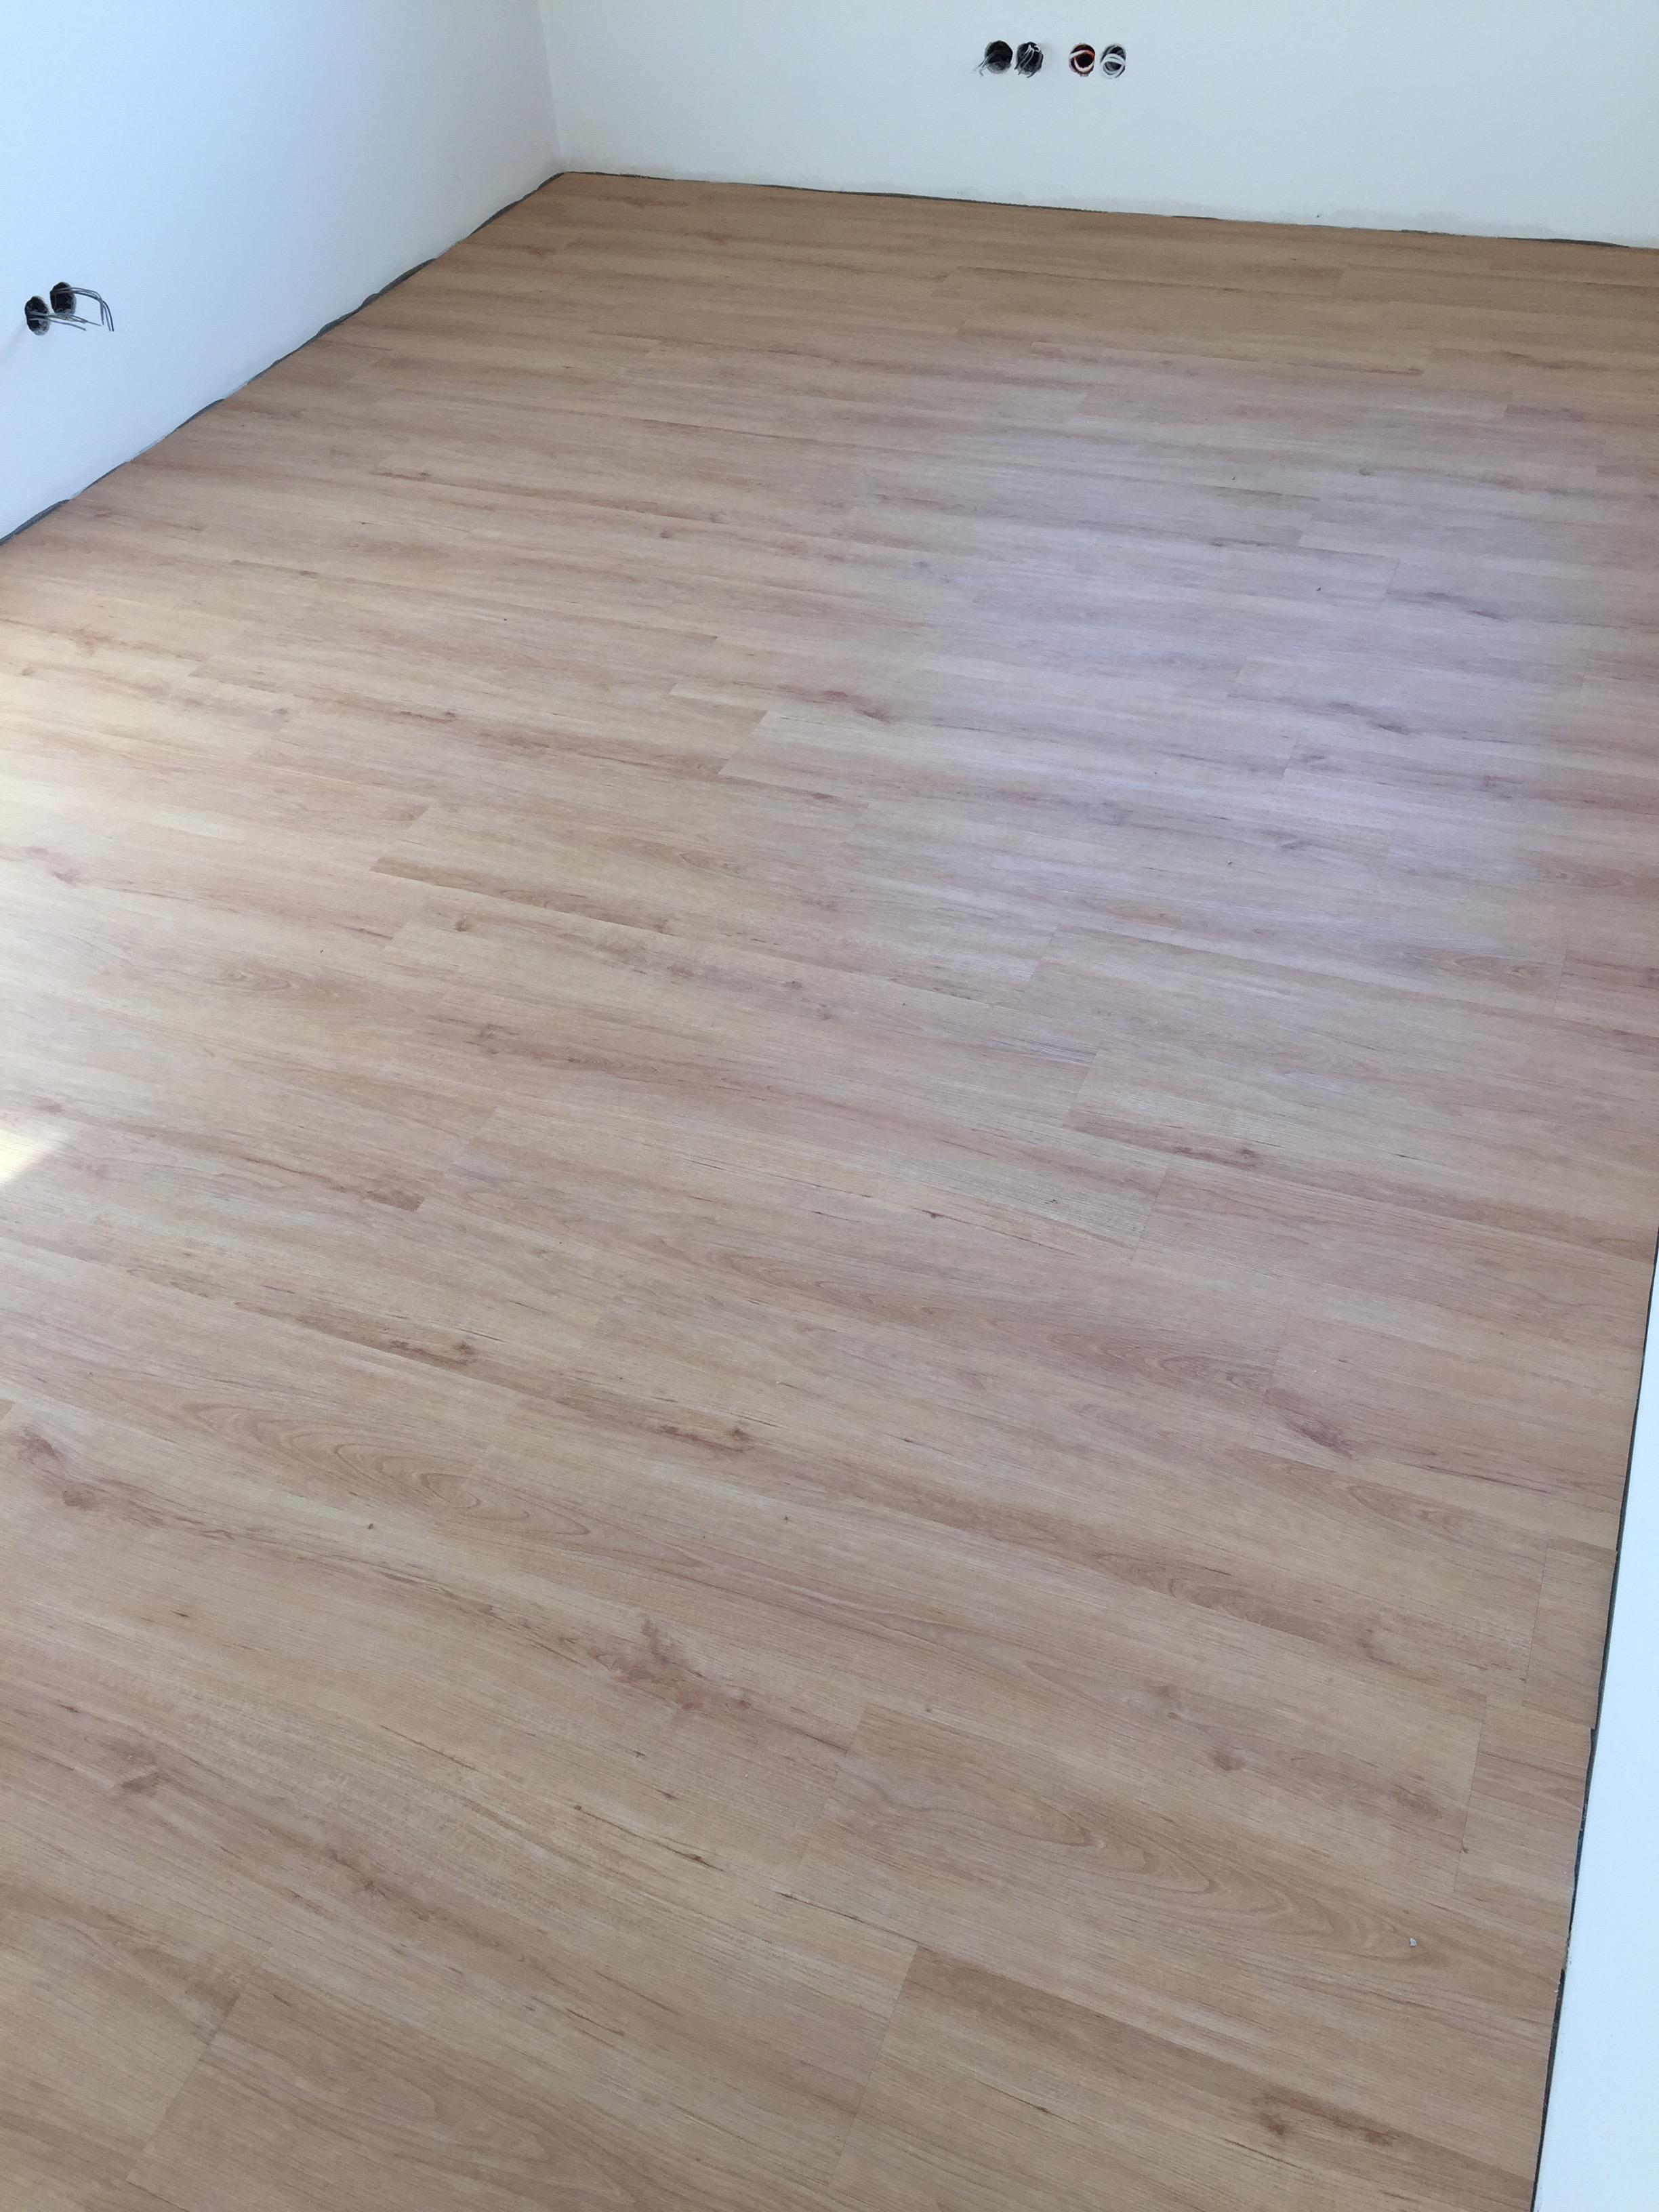 pvc boden entfernen pvc boden kleber vom teppich entfernen wohnung fliesen auf pvc boden oder. Black Bedroom Furniture Sets. Home Design Ideas